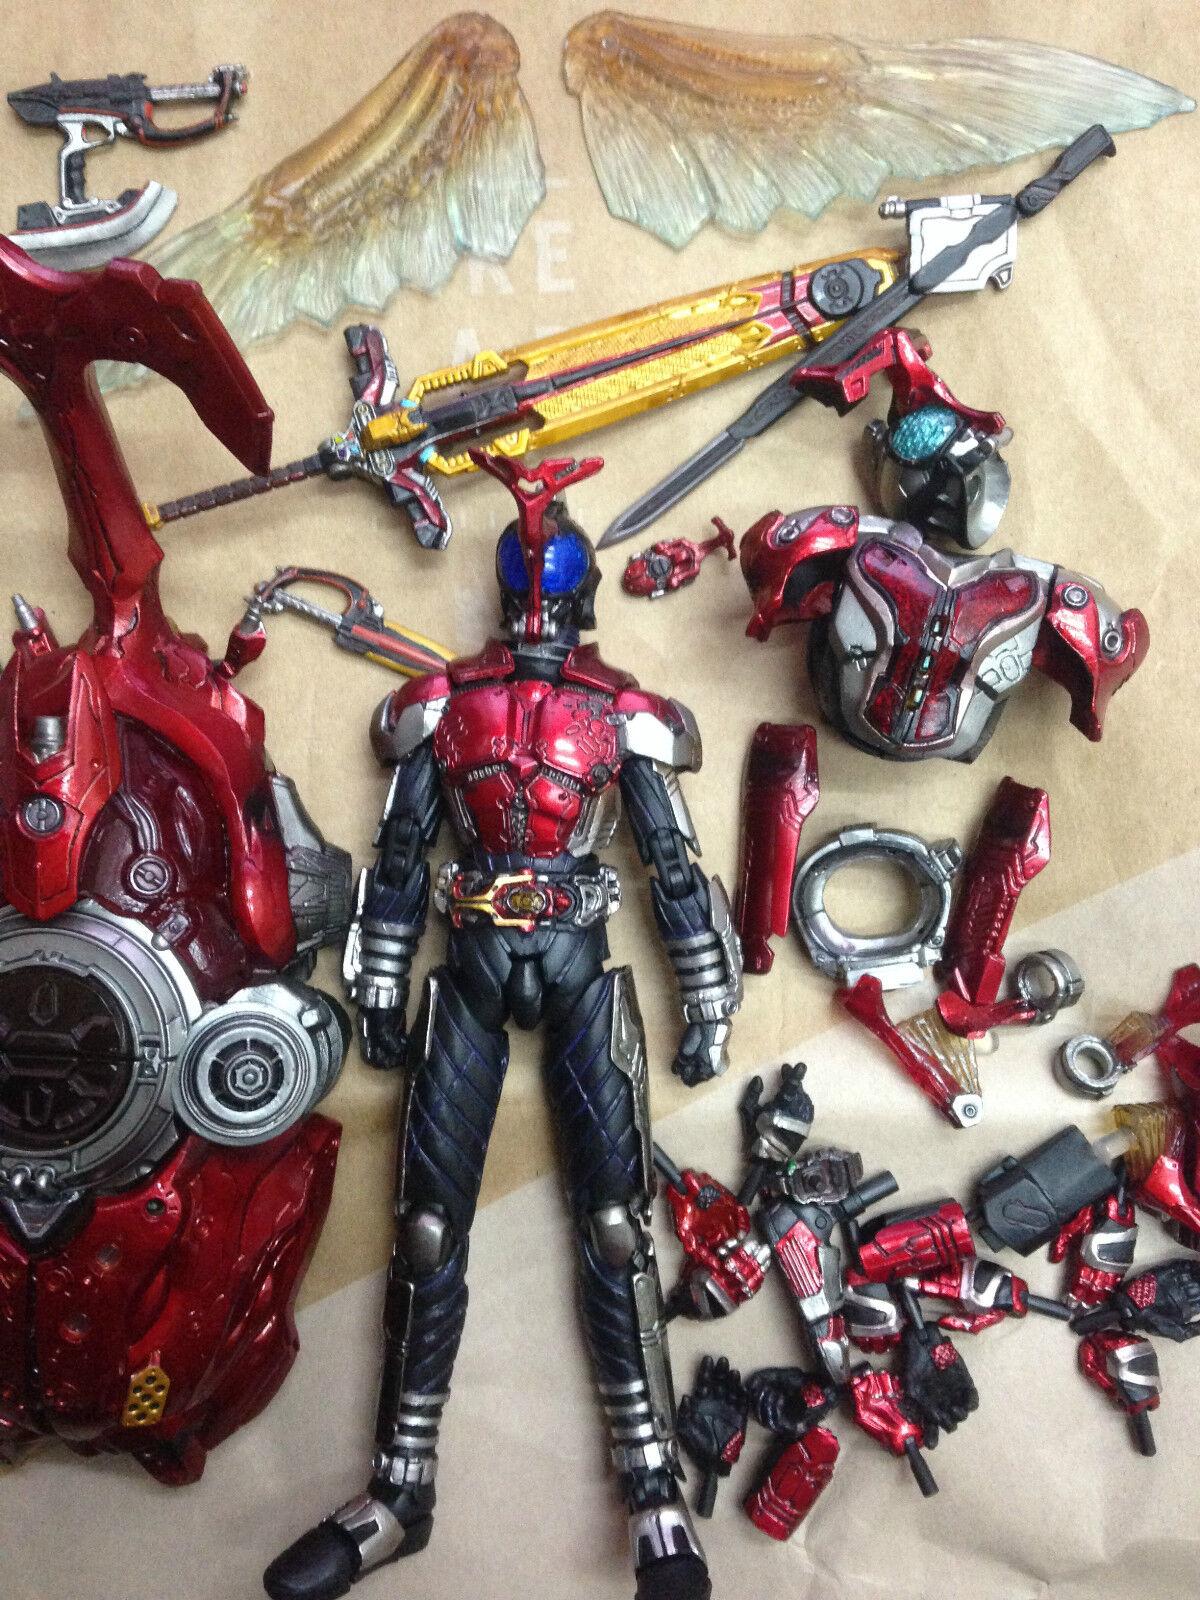 BANDAI S.I.C. Kamen Kamen Kamen Rider Kabuto (Masked Rider Kabuto) Action Figure SIC 399b34